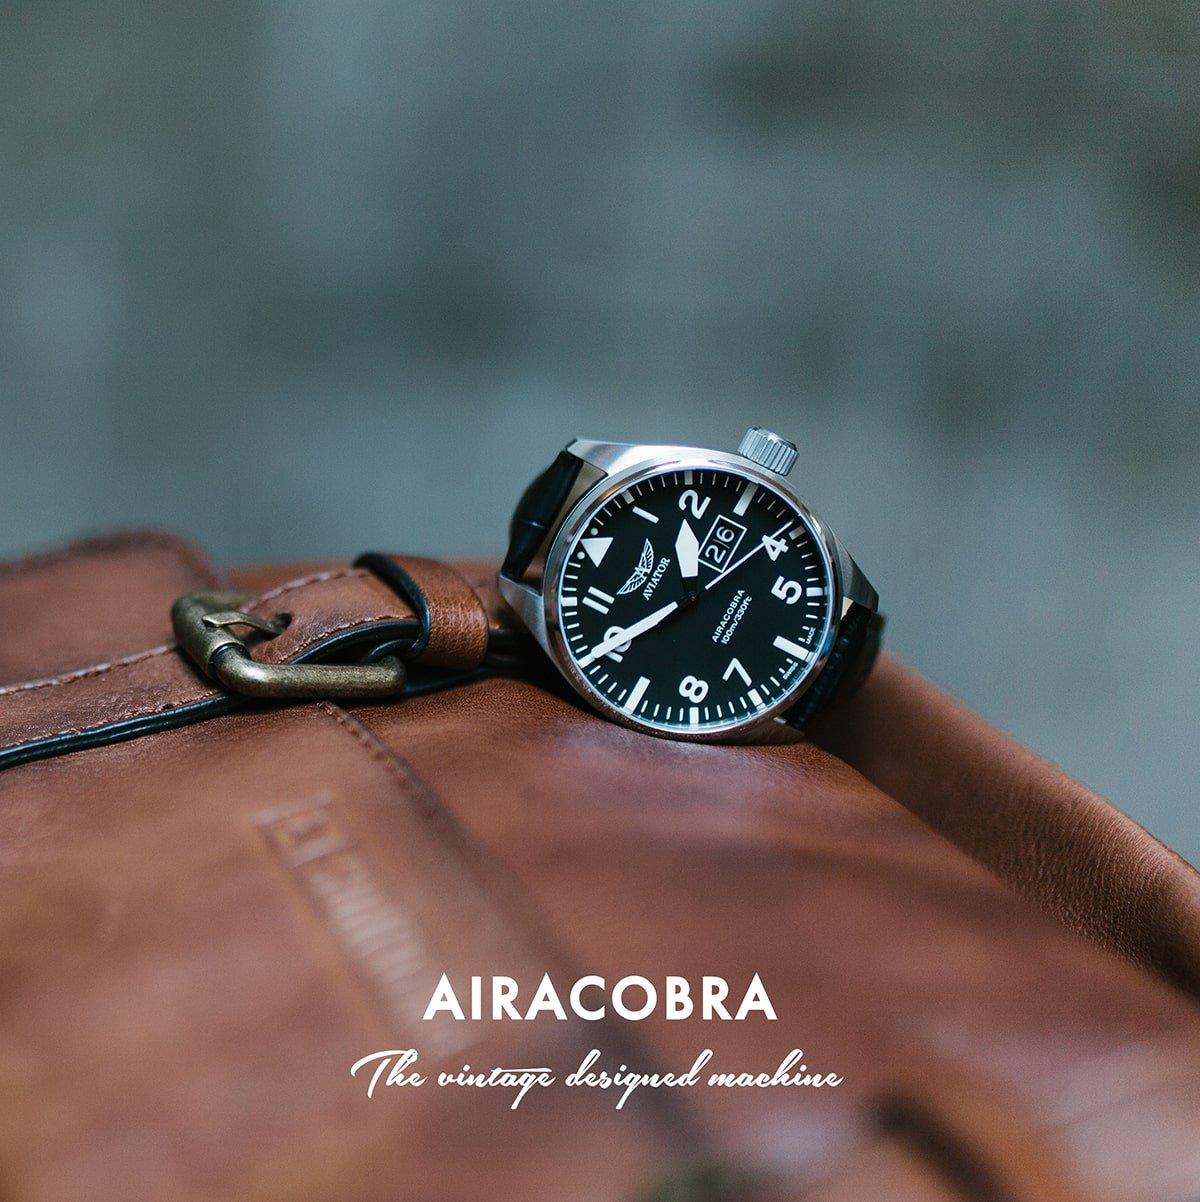 Lotniczy, męski zegarek lotniczy Aviator V.1.22.5.148.4 Airacobra na czarnym, skórznym paksu z srebrną kopertą ze stali. Analogowa tarcza zegarka jest w czarnym kolorze z białymi indeksami oraz skromnym datownikiem na godzienie 3. Analogowa tarcza przykryta jest szkiełkiem szafirowym co pokazuje jak wysoka jest jakość wykonanego zegarka.